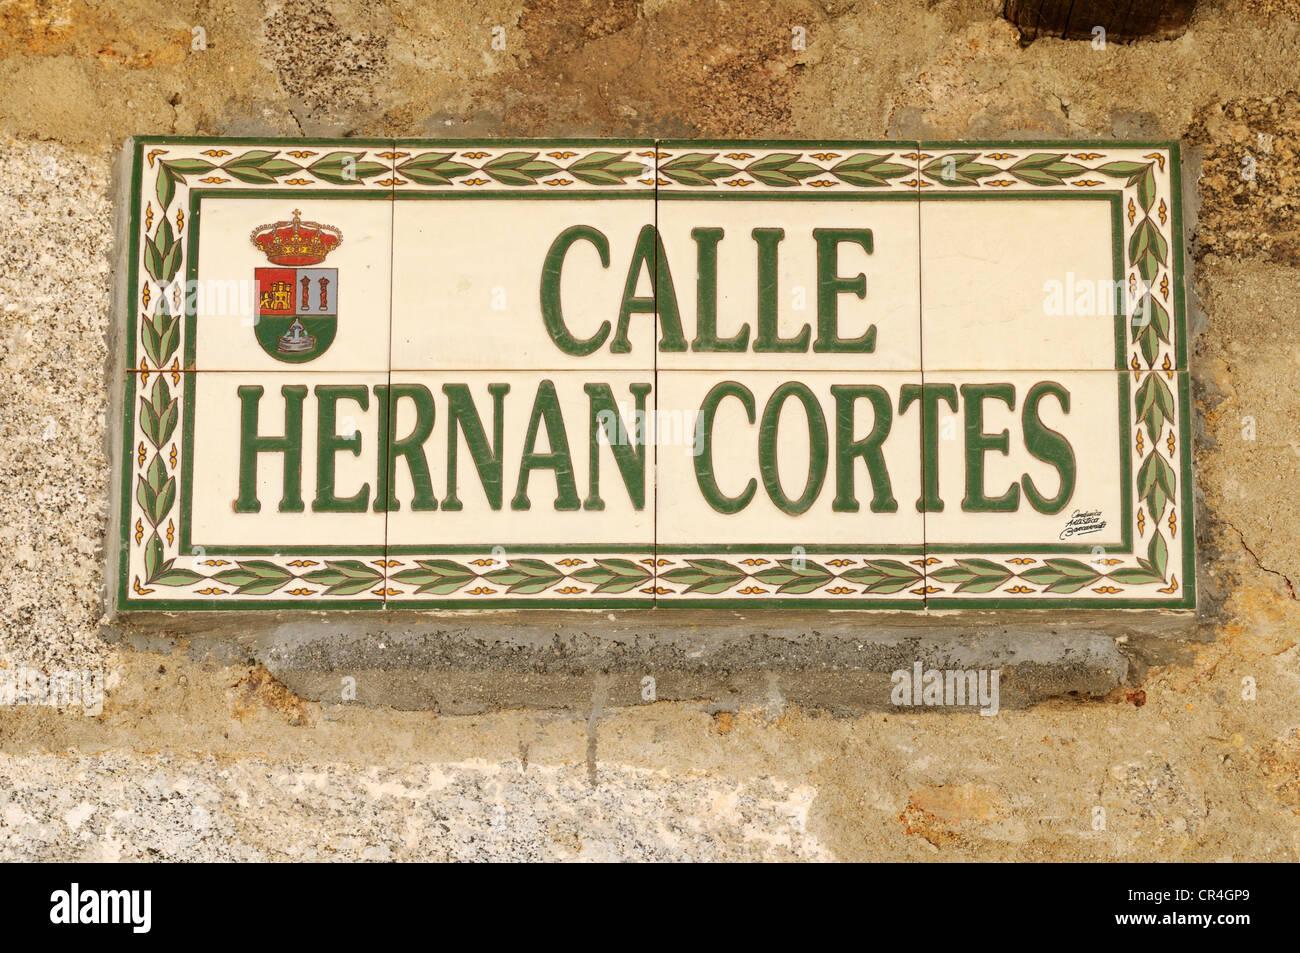 Streetsign made of tiles in memorial of Hernan Cortes, conqueror of Mexico, Jarandilla de la Vera, Extremadura, - Stock Image